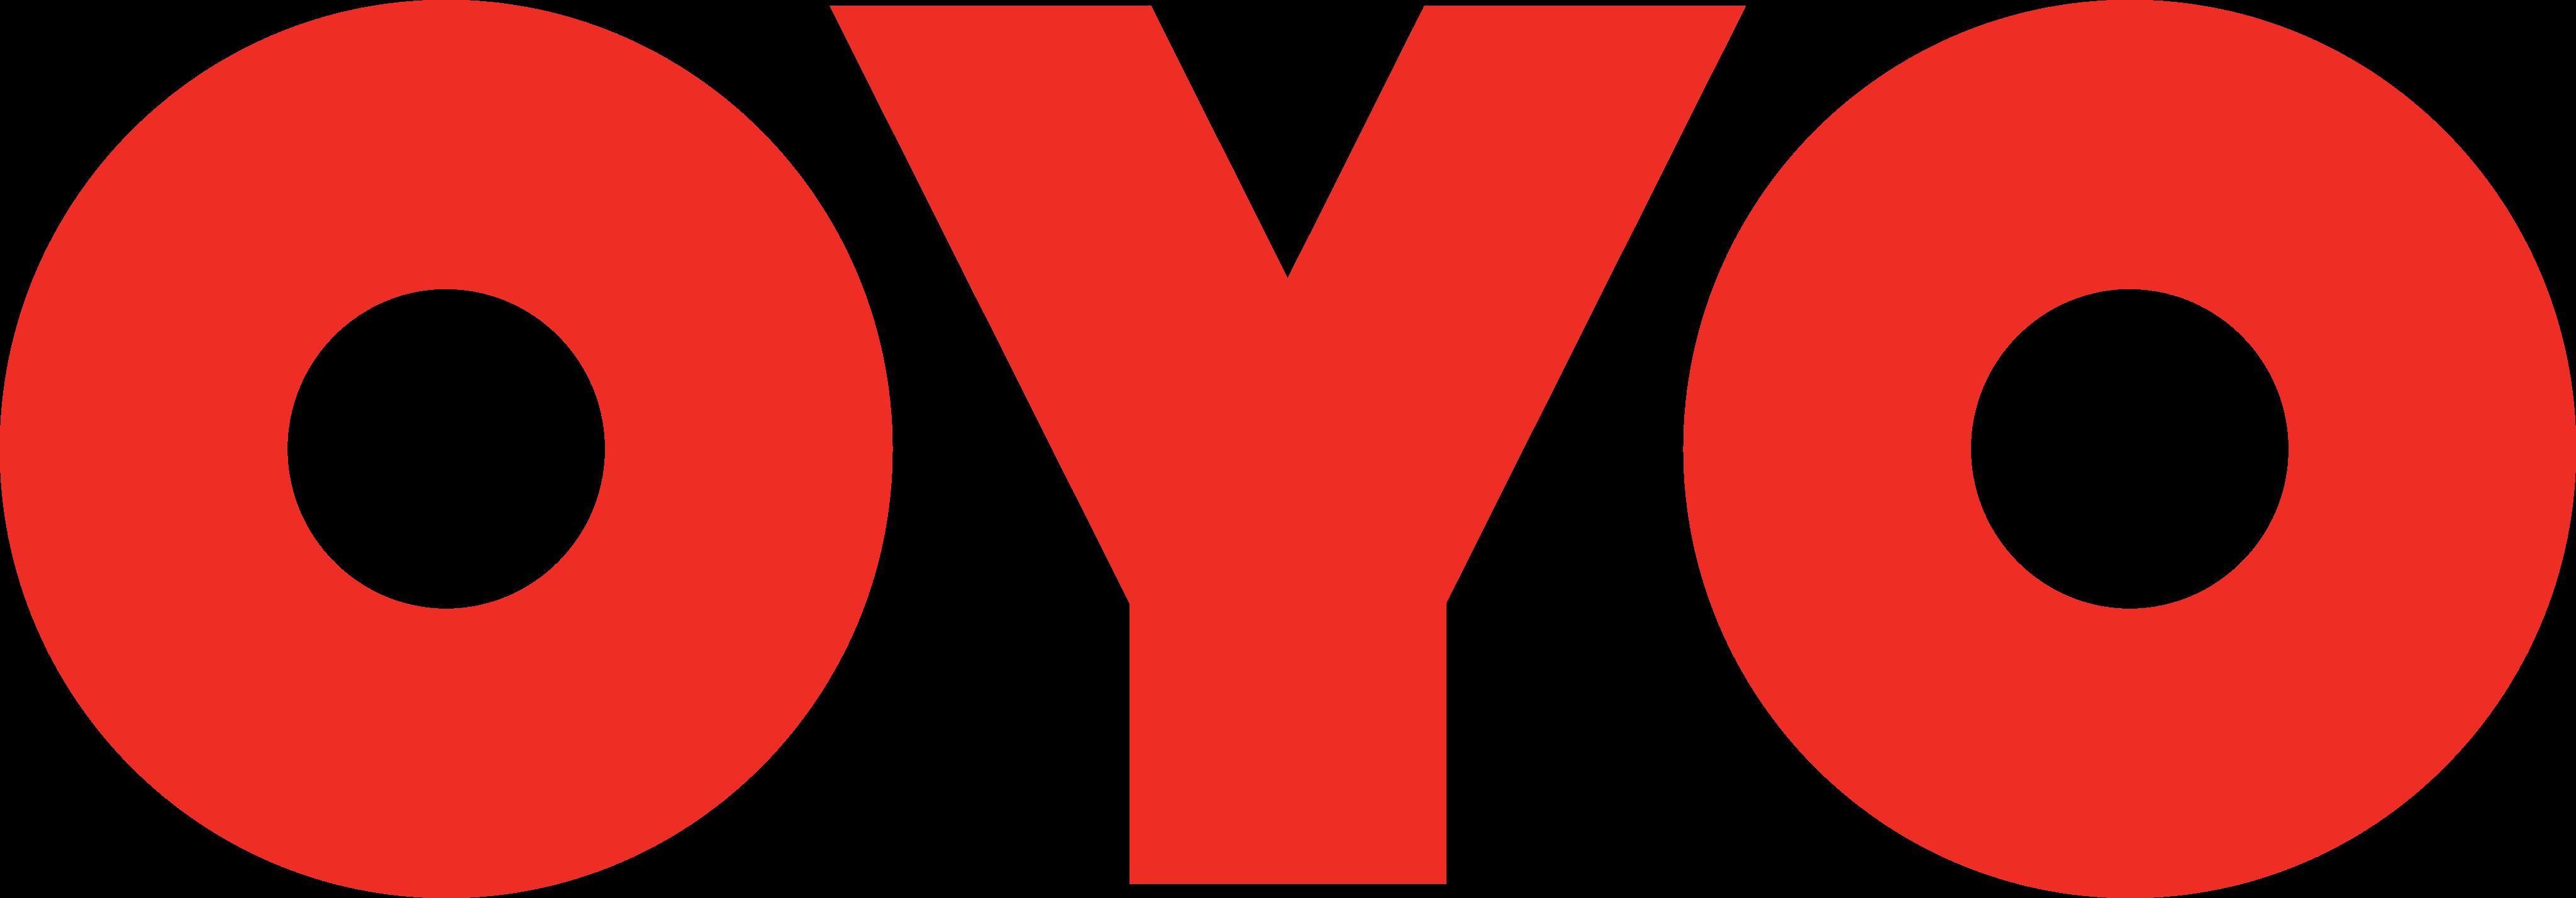 oyo logo 1 - OYO Logo